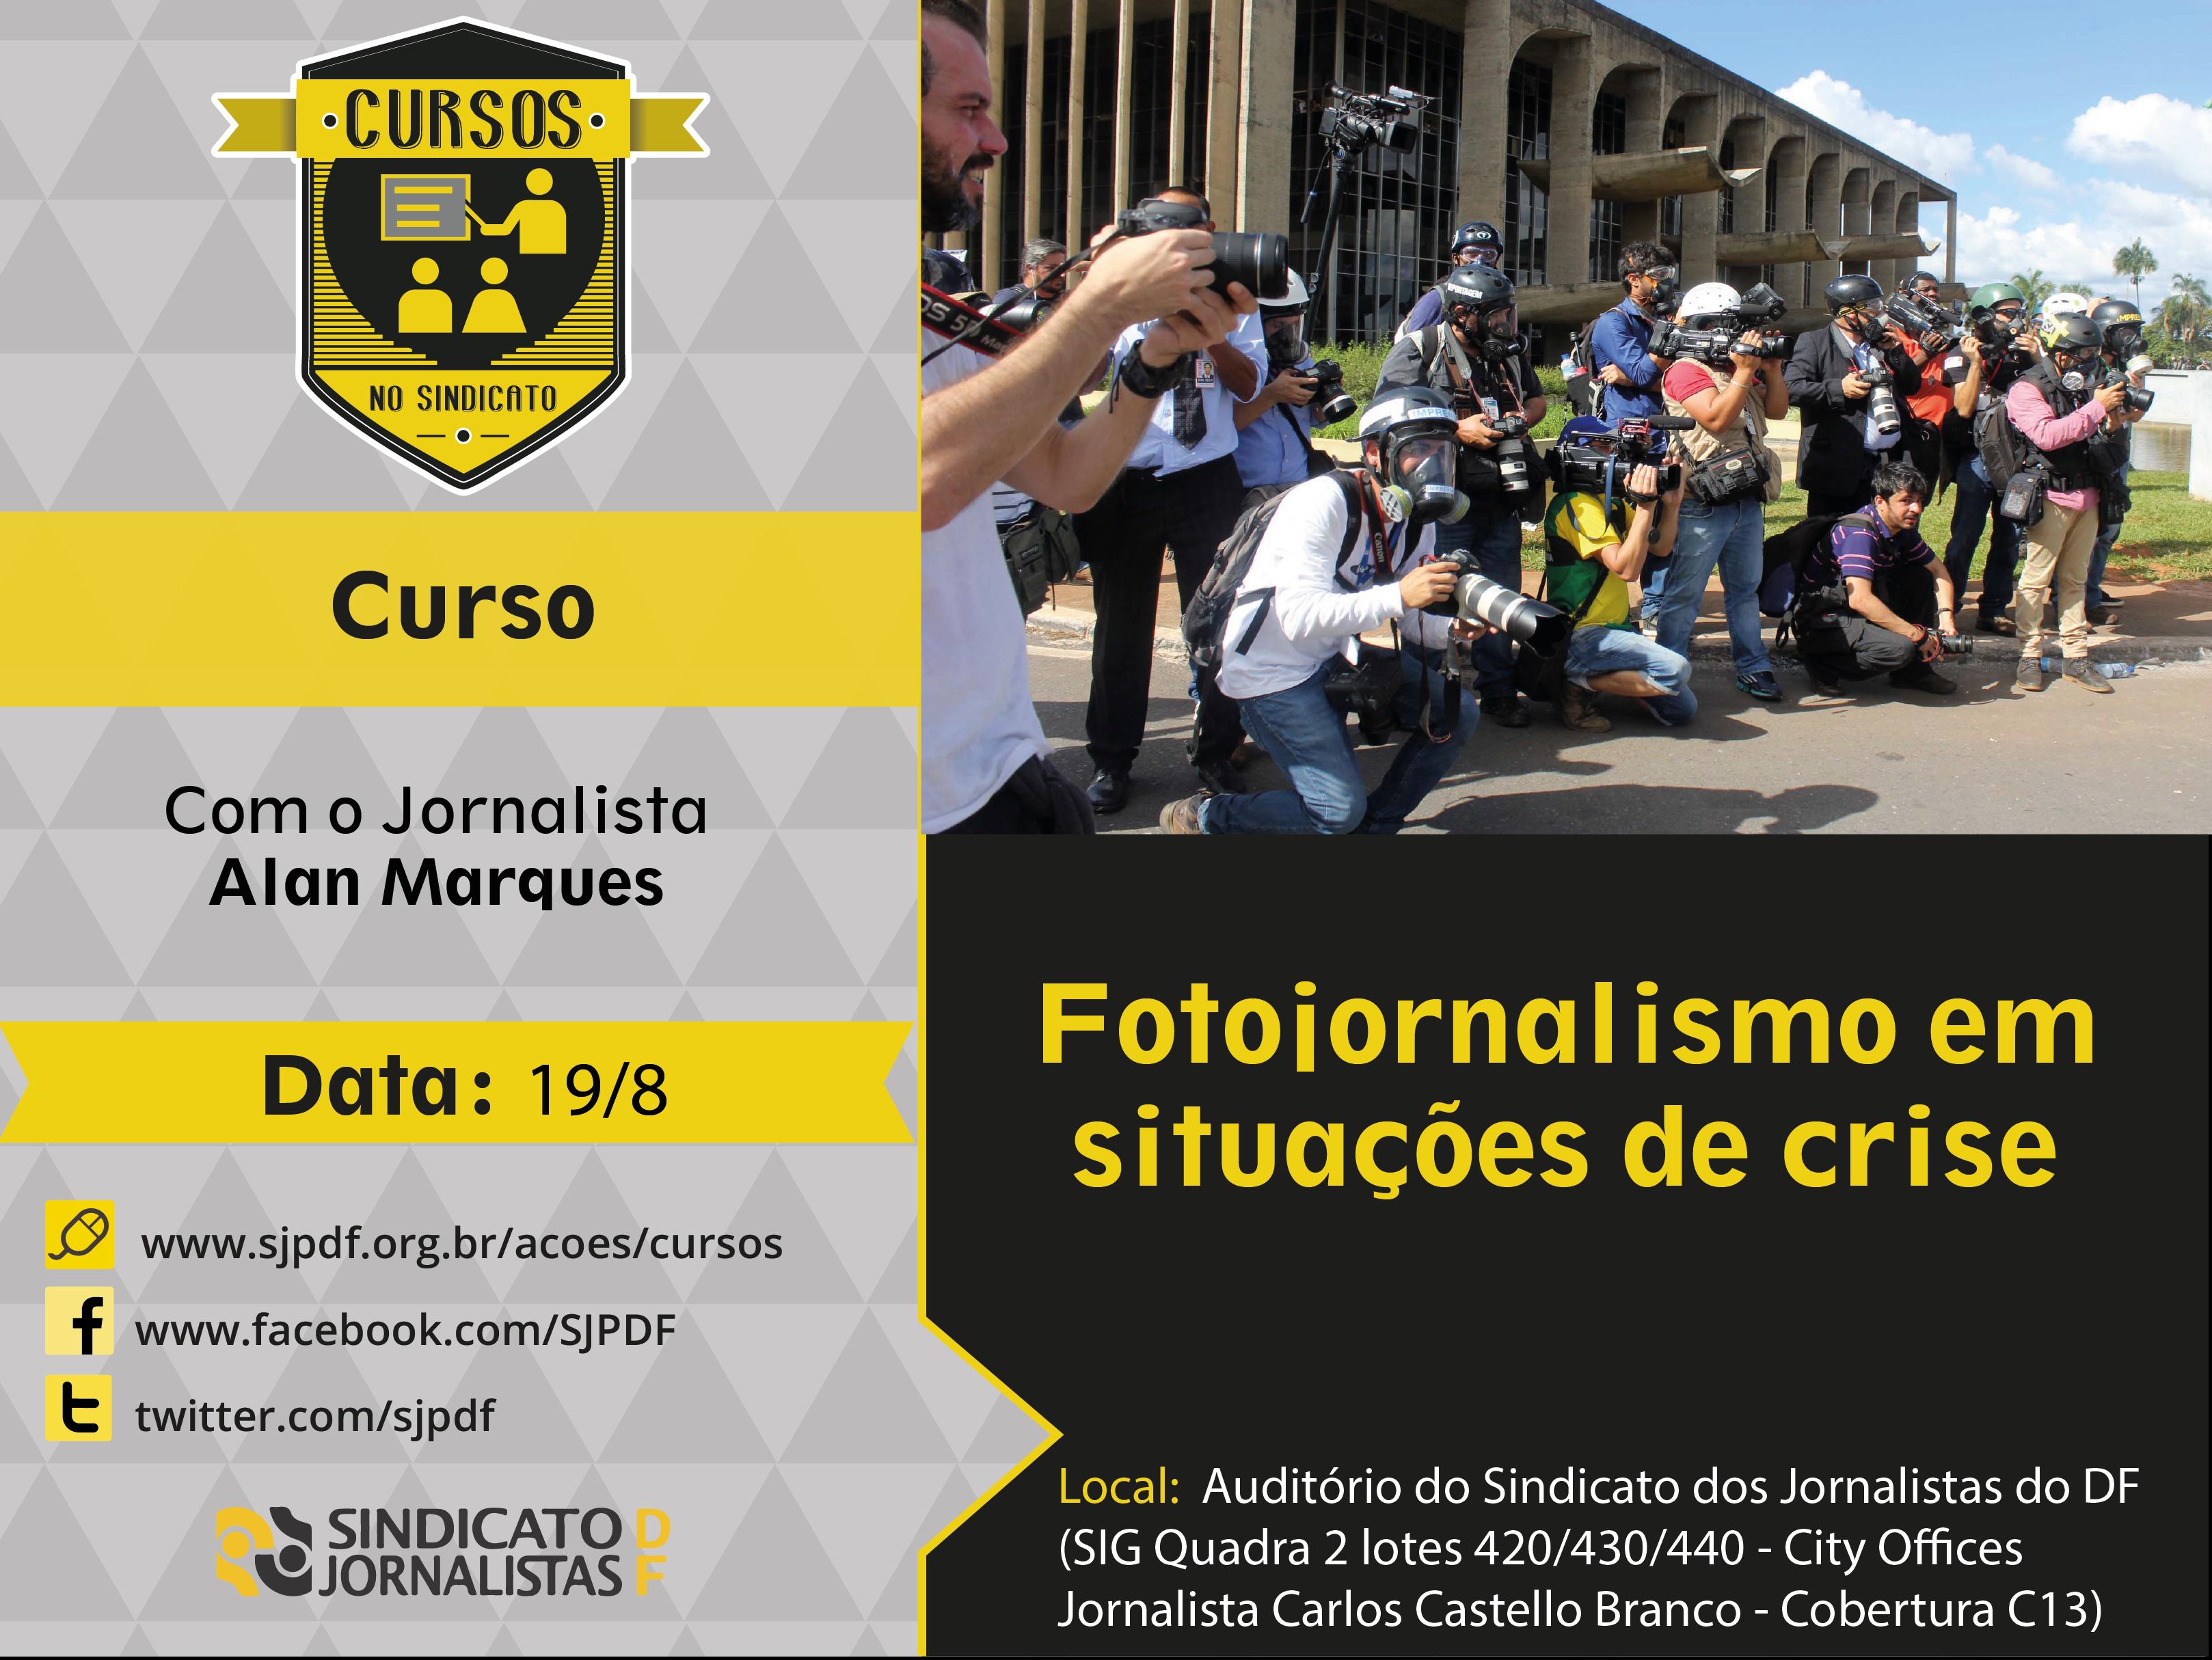 """Abertas as inscrições para o curso """"Fotojornalismo em situações de crise"""" com Alan Marques"""